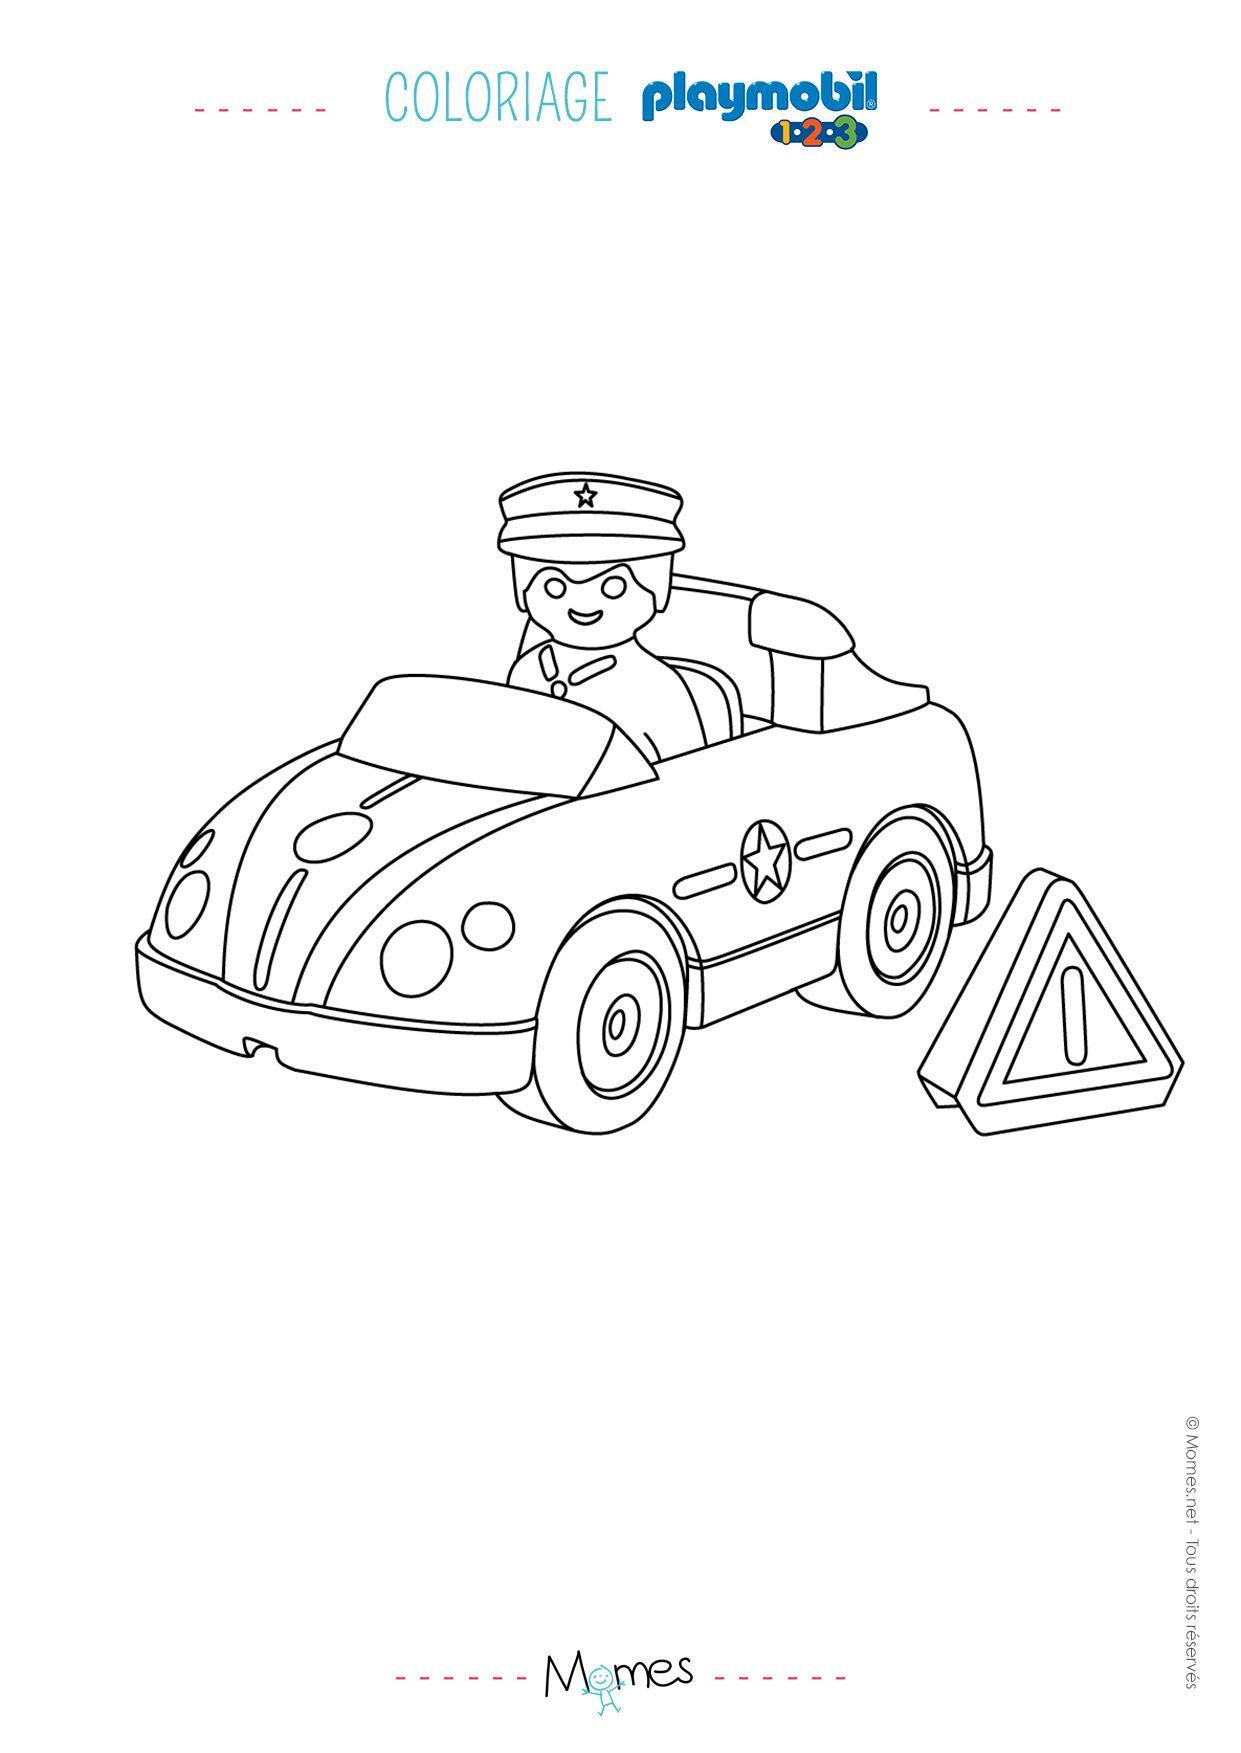 Coloriage La voiture de police et le policier Playmobil 30 (avec